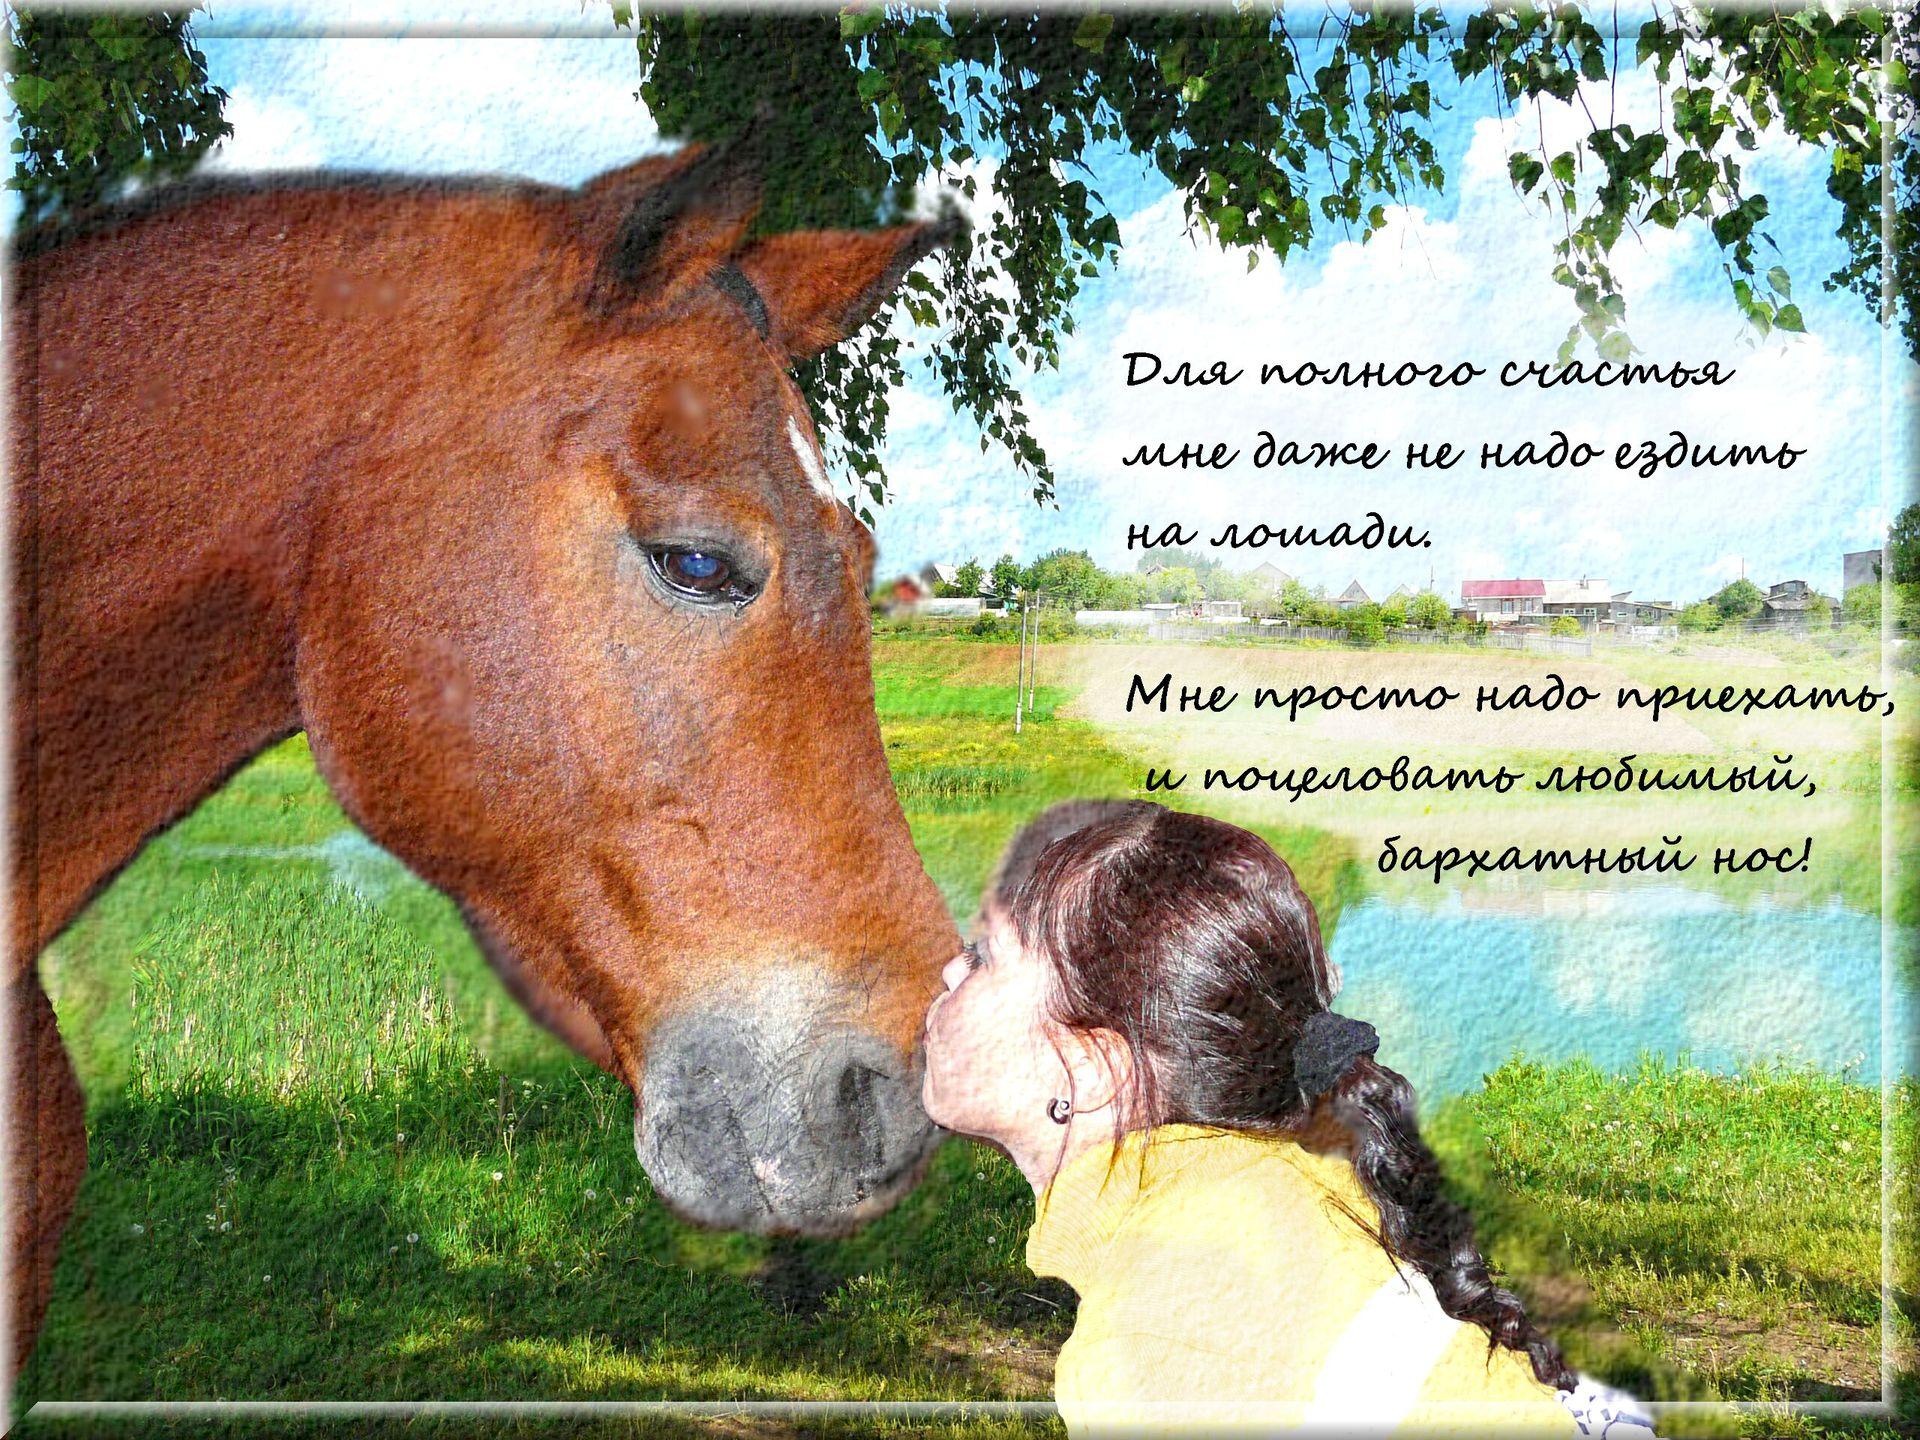 Поздравление с днем рождения коннику